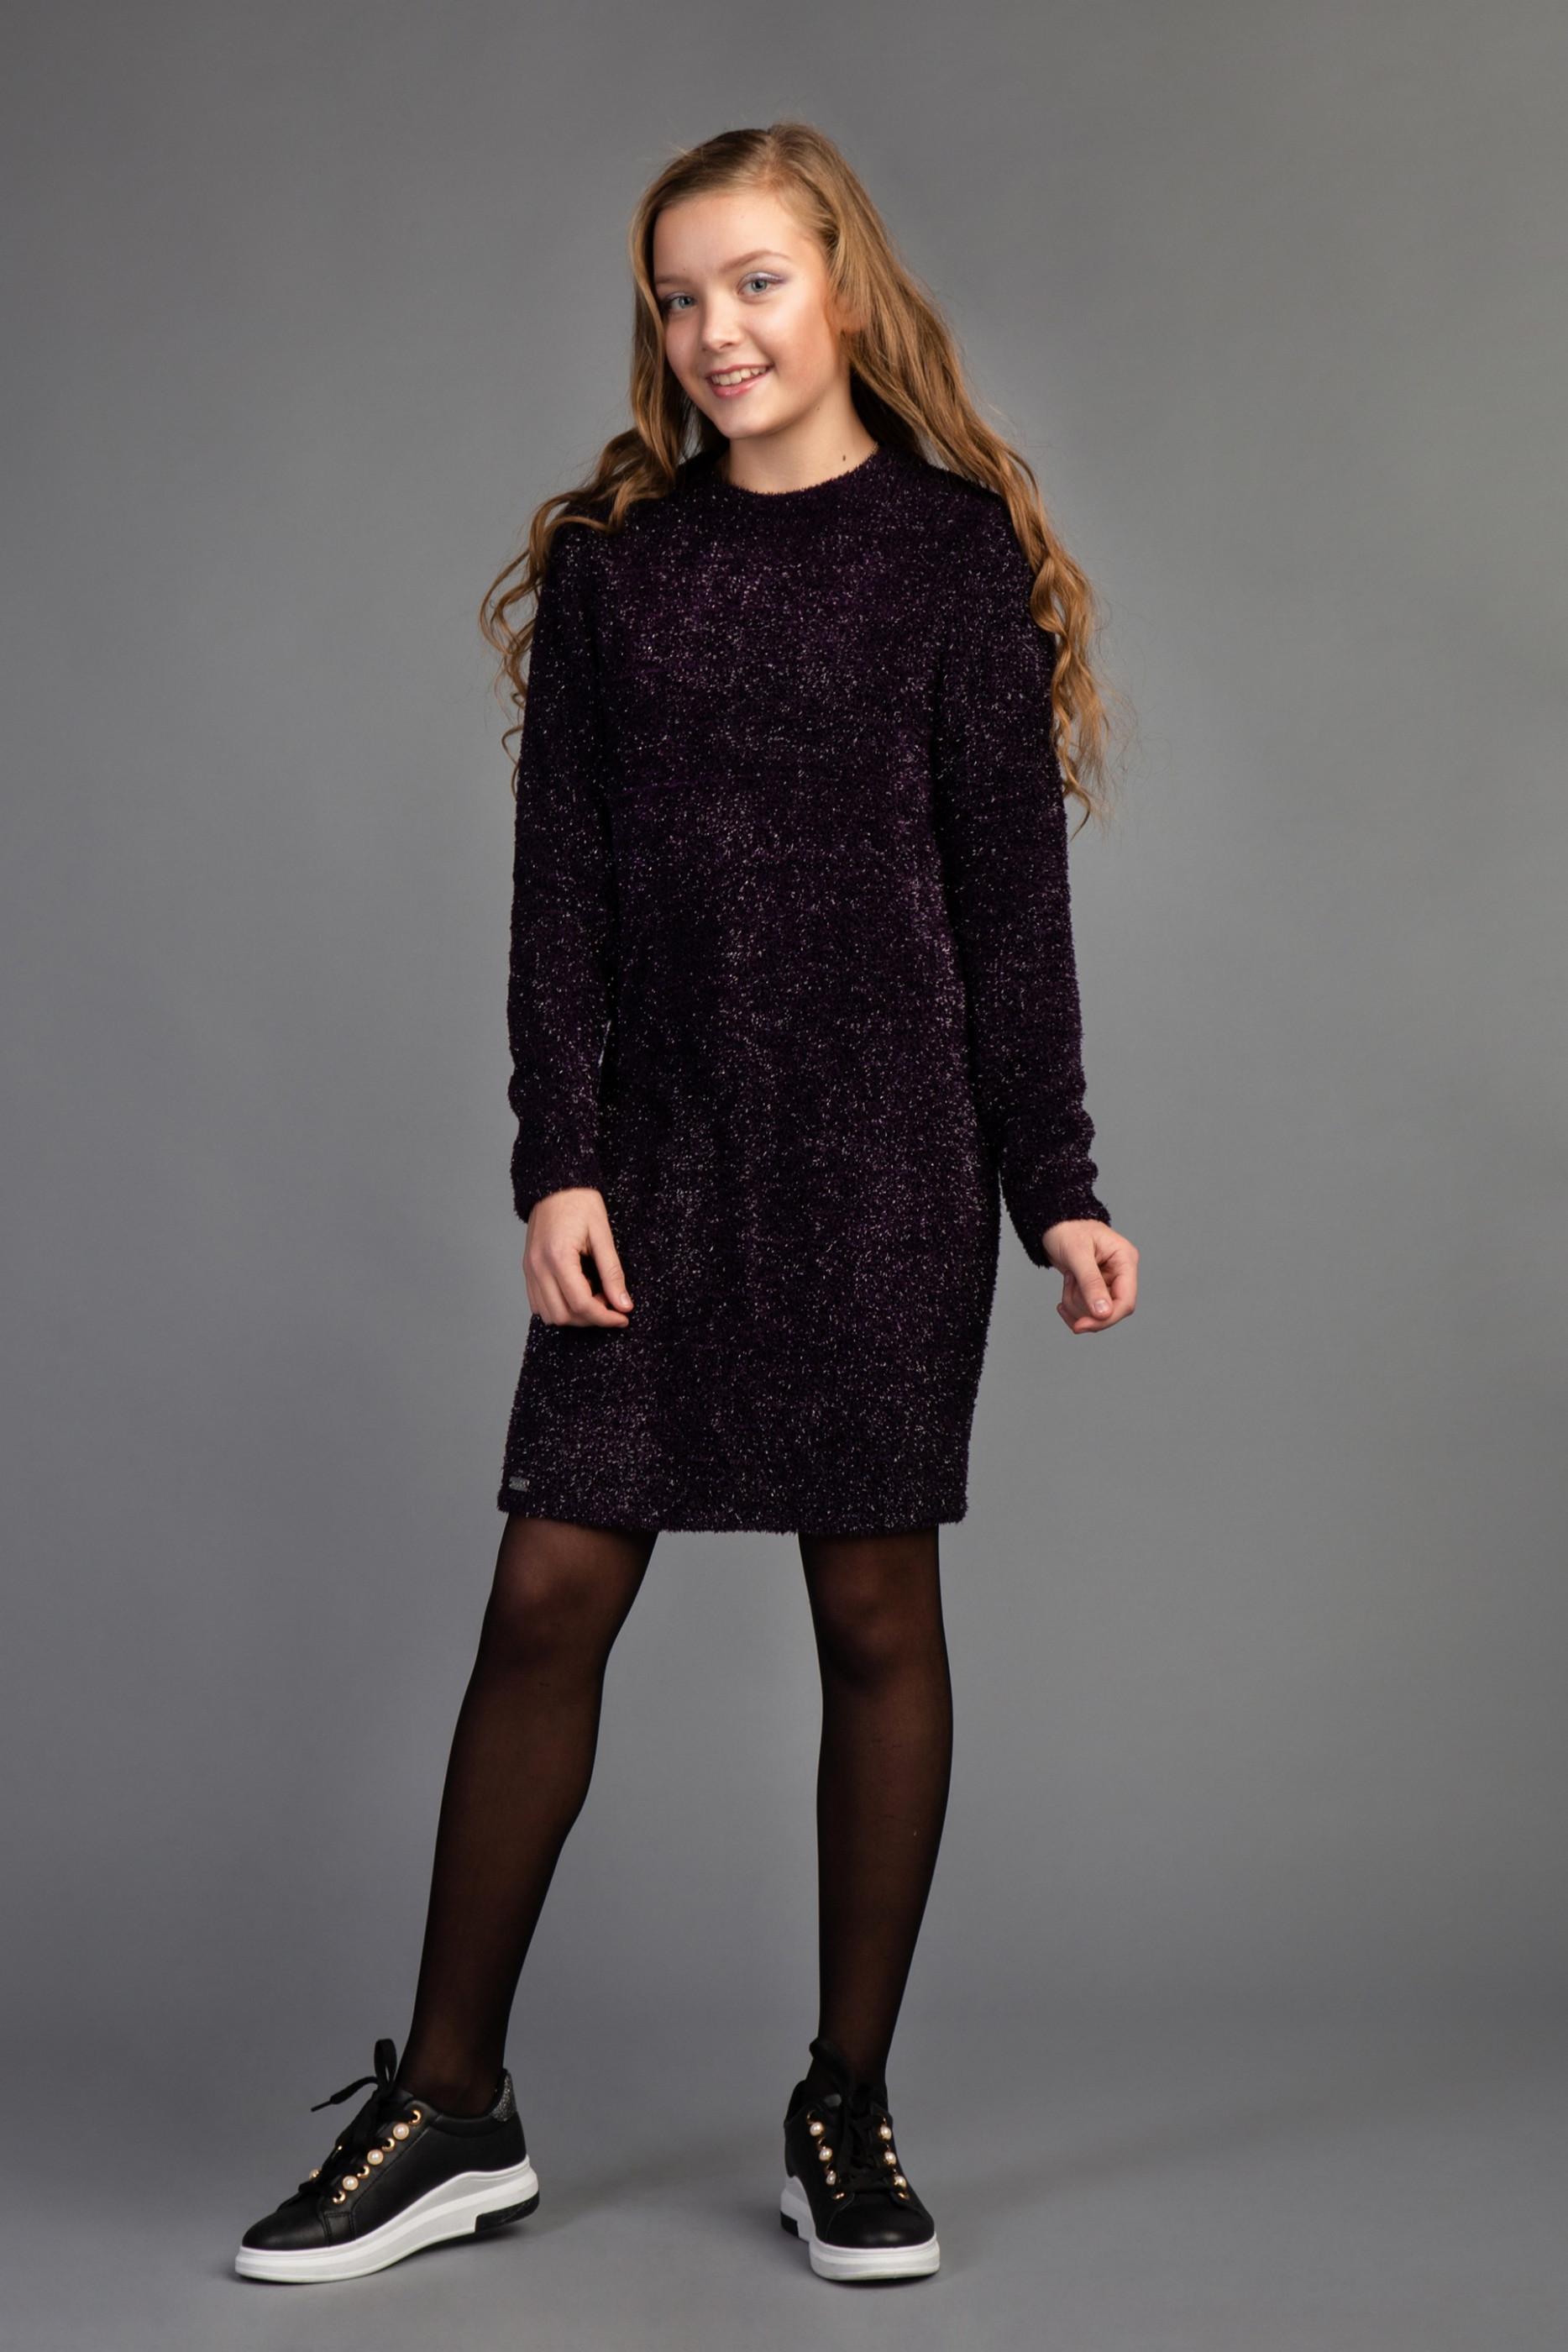 Плаття Селбі, фото №1